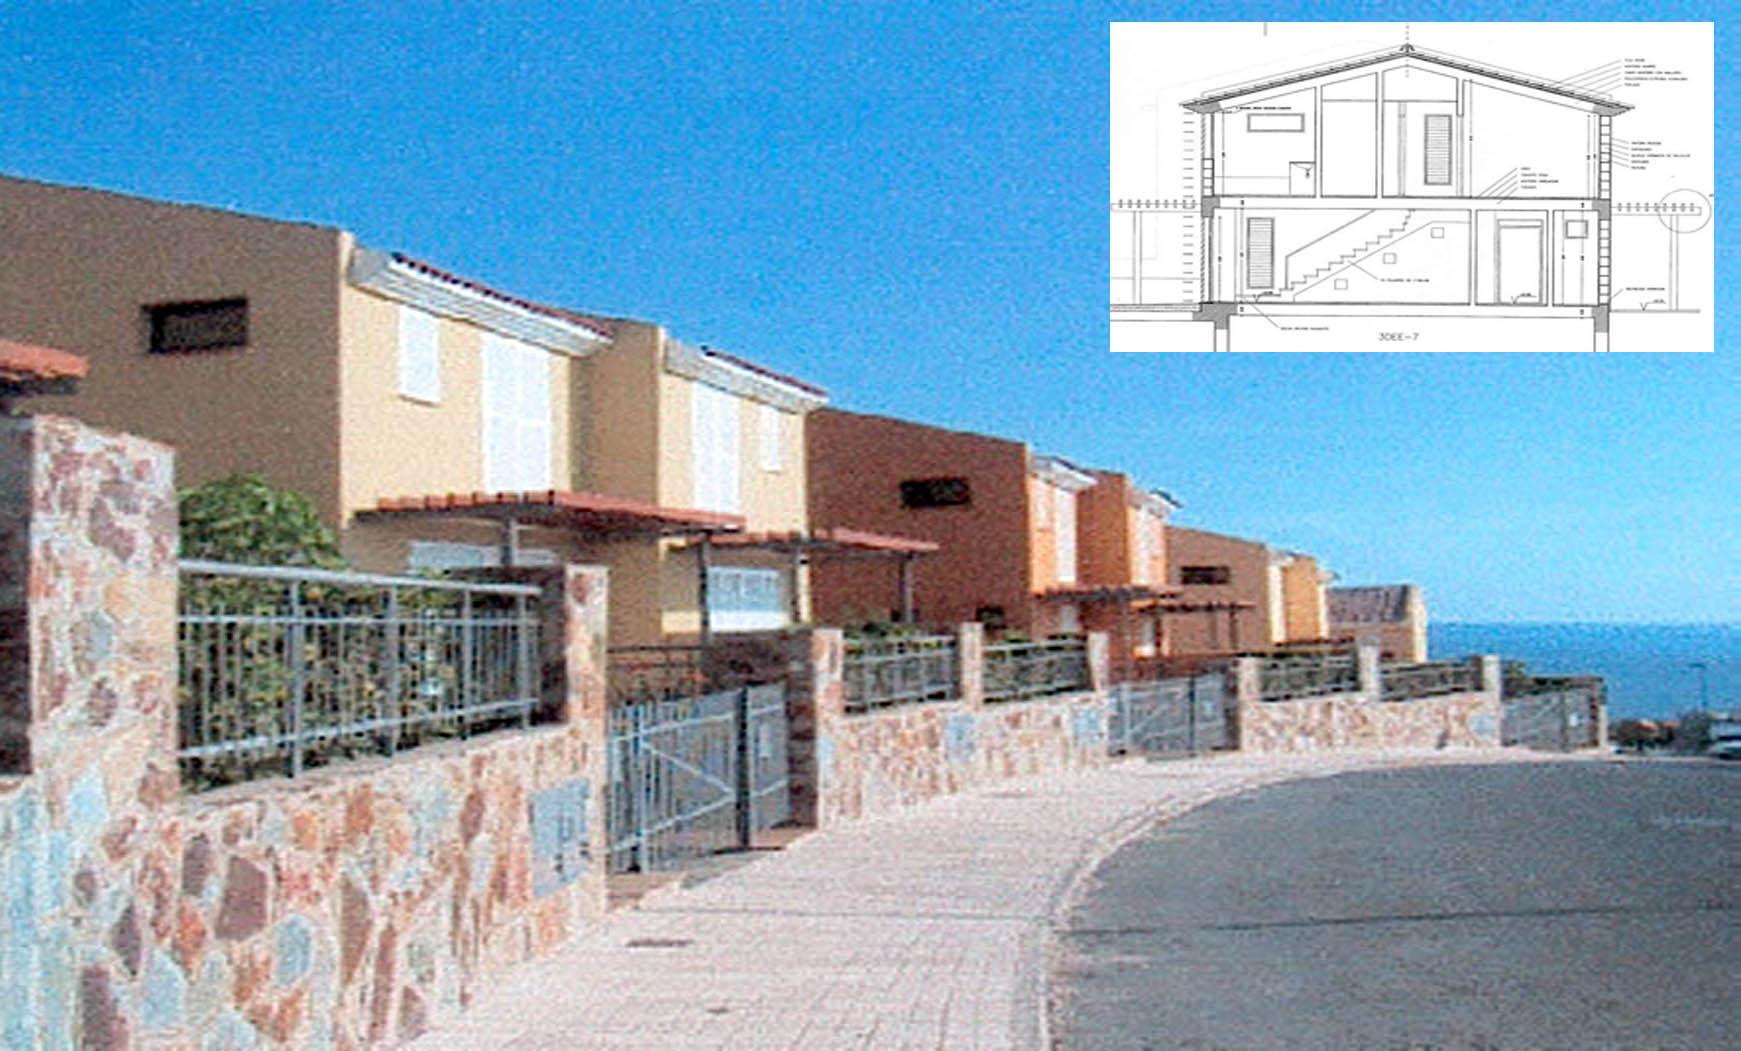 38 bungalows turísticos en Gran Canaria (2001), en colaboración con EFS